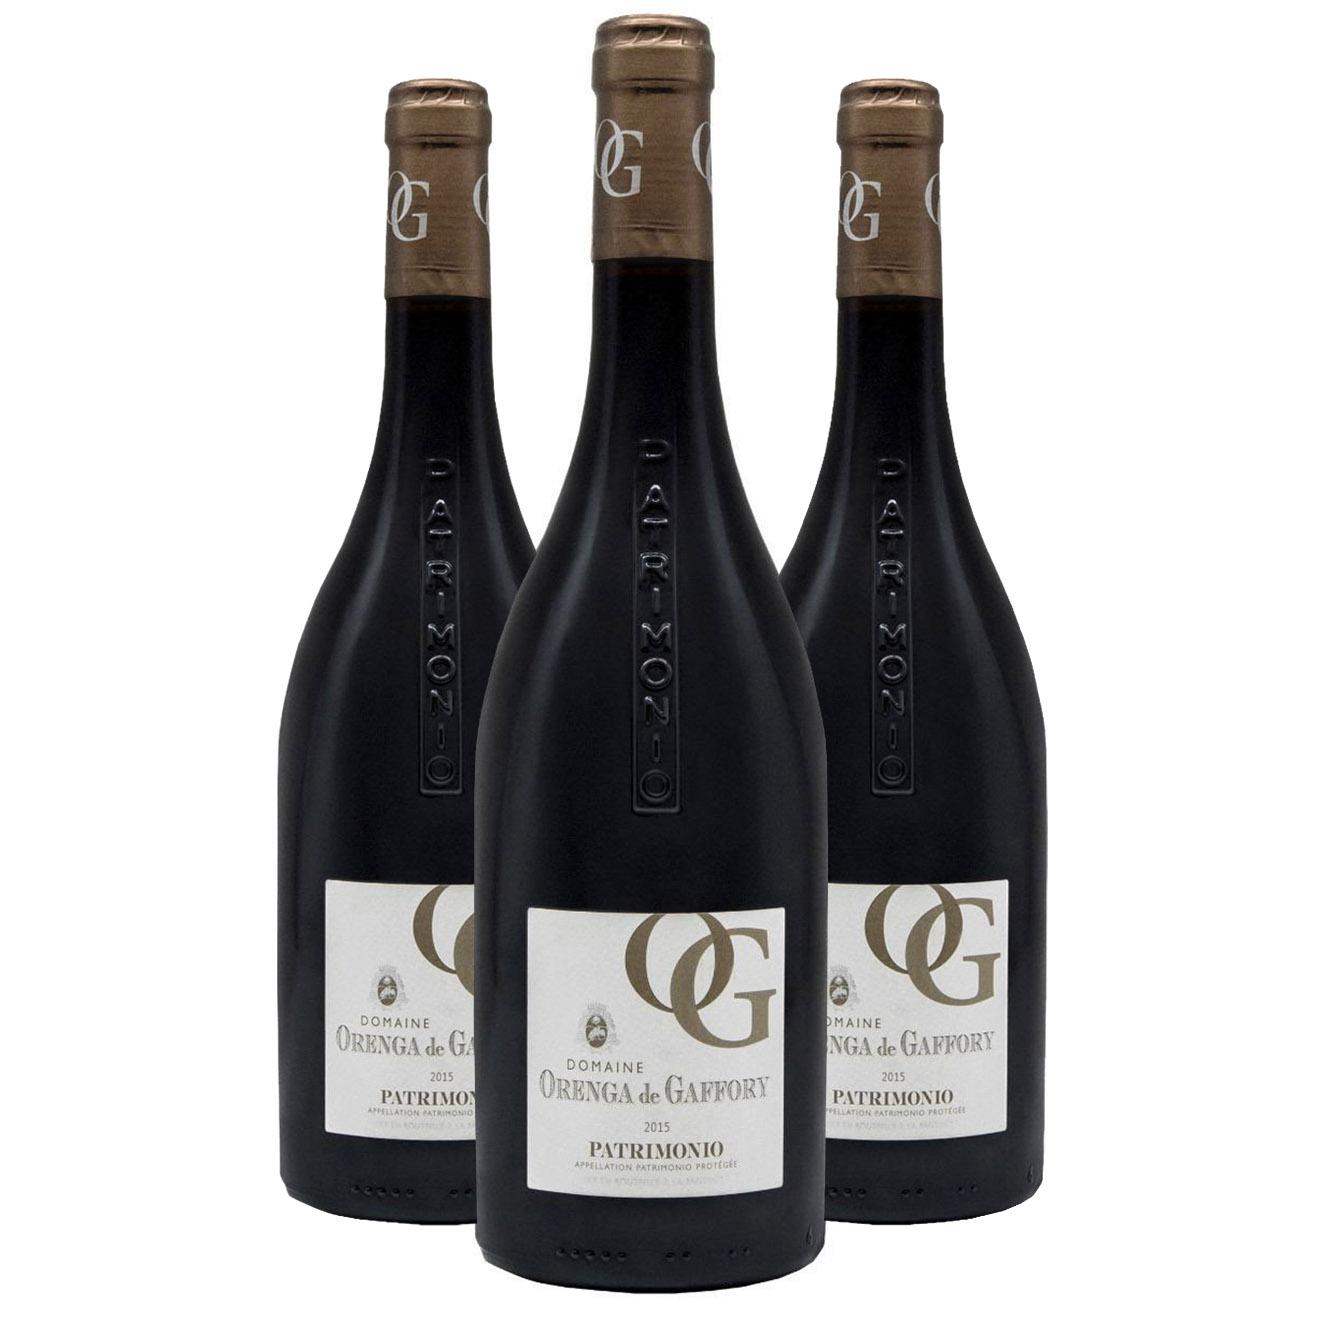 3 Patrimonio Rouge 2015 Orenga de Gaffory 75cl